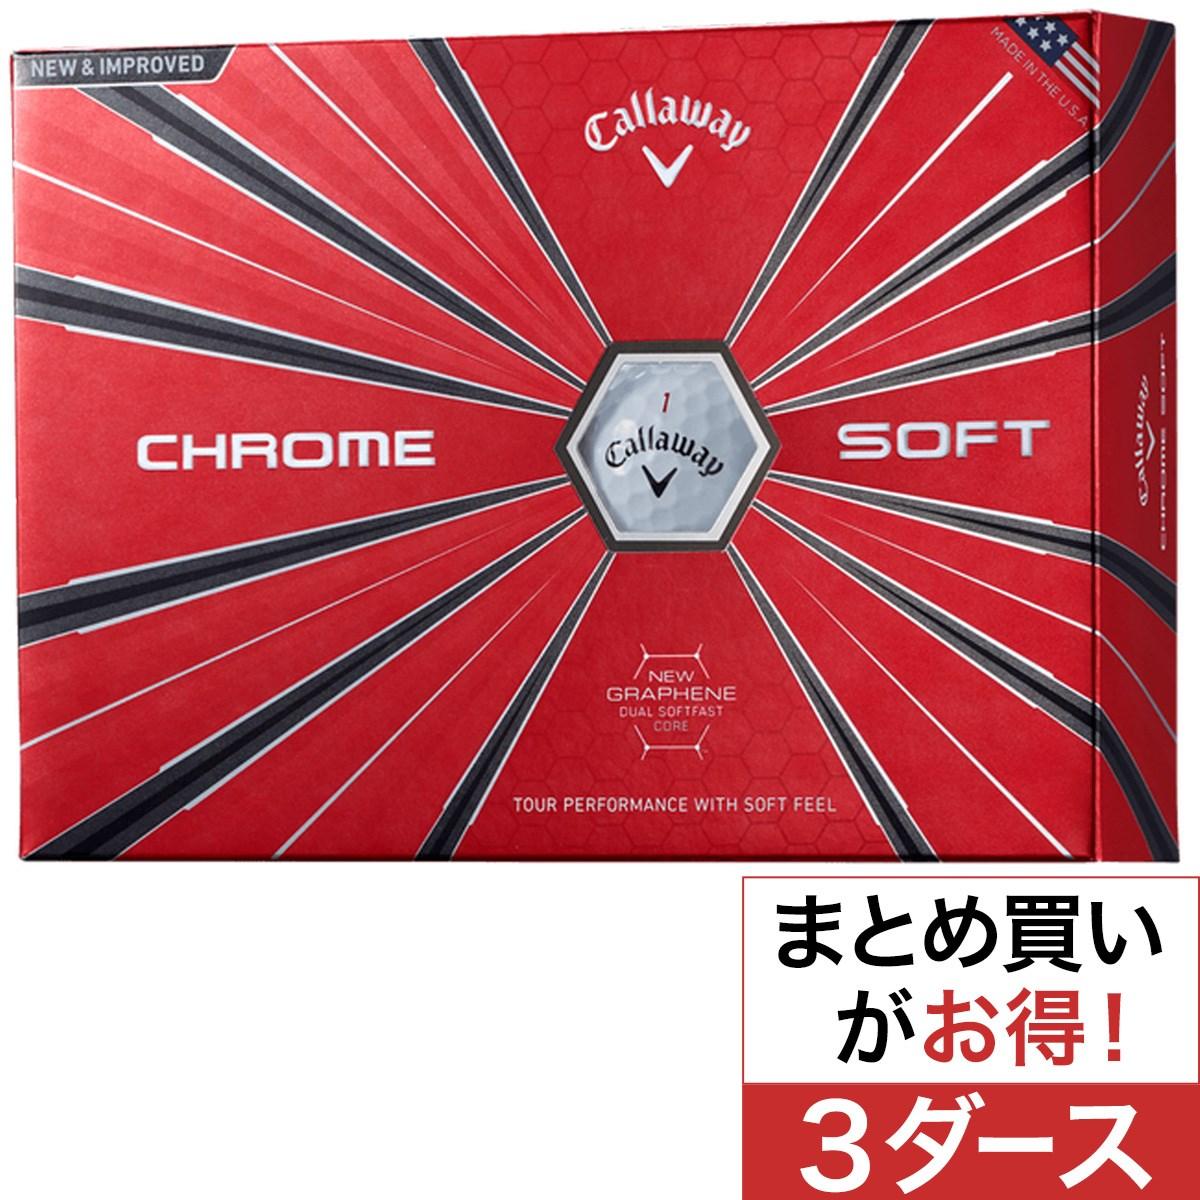 キャロウェイゴルフ(Callaway Golf) CHROME SOFT ボール 3ダースセット